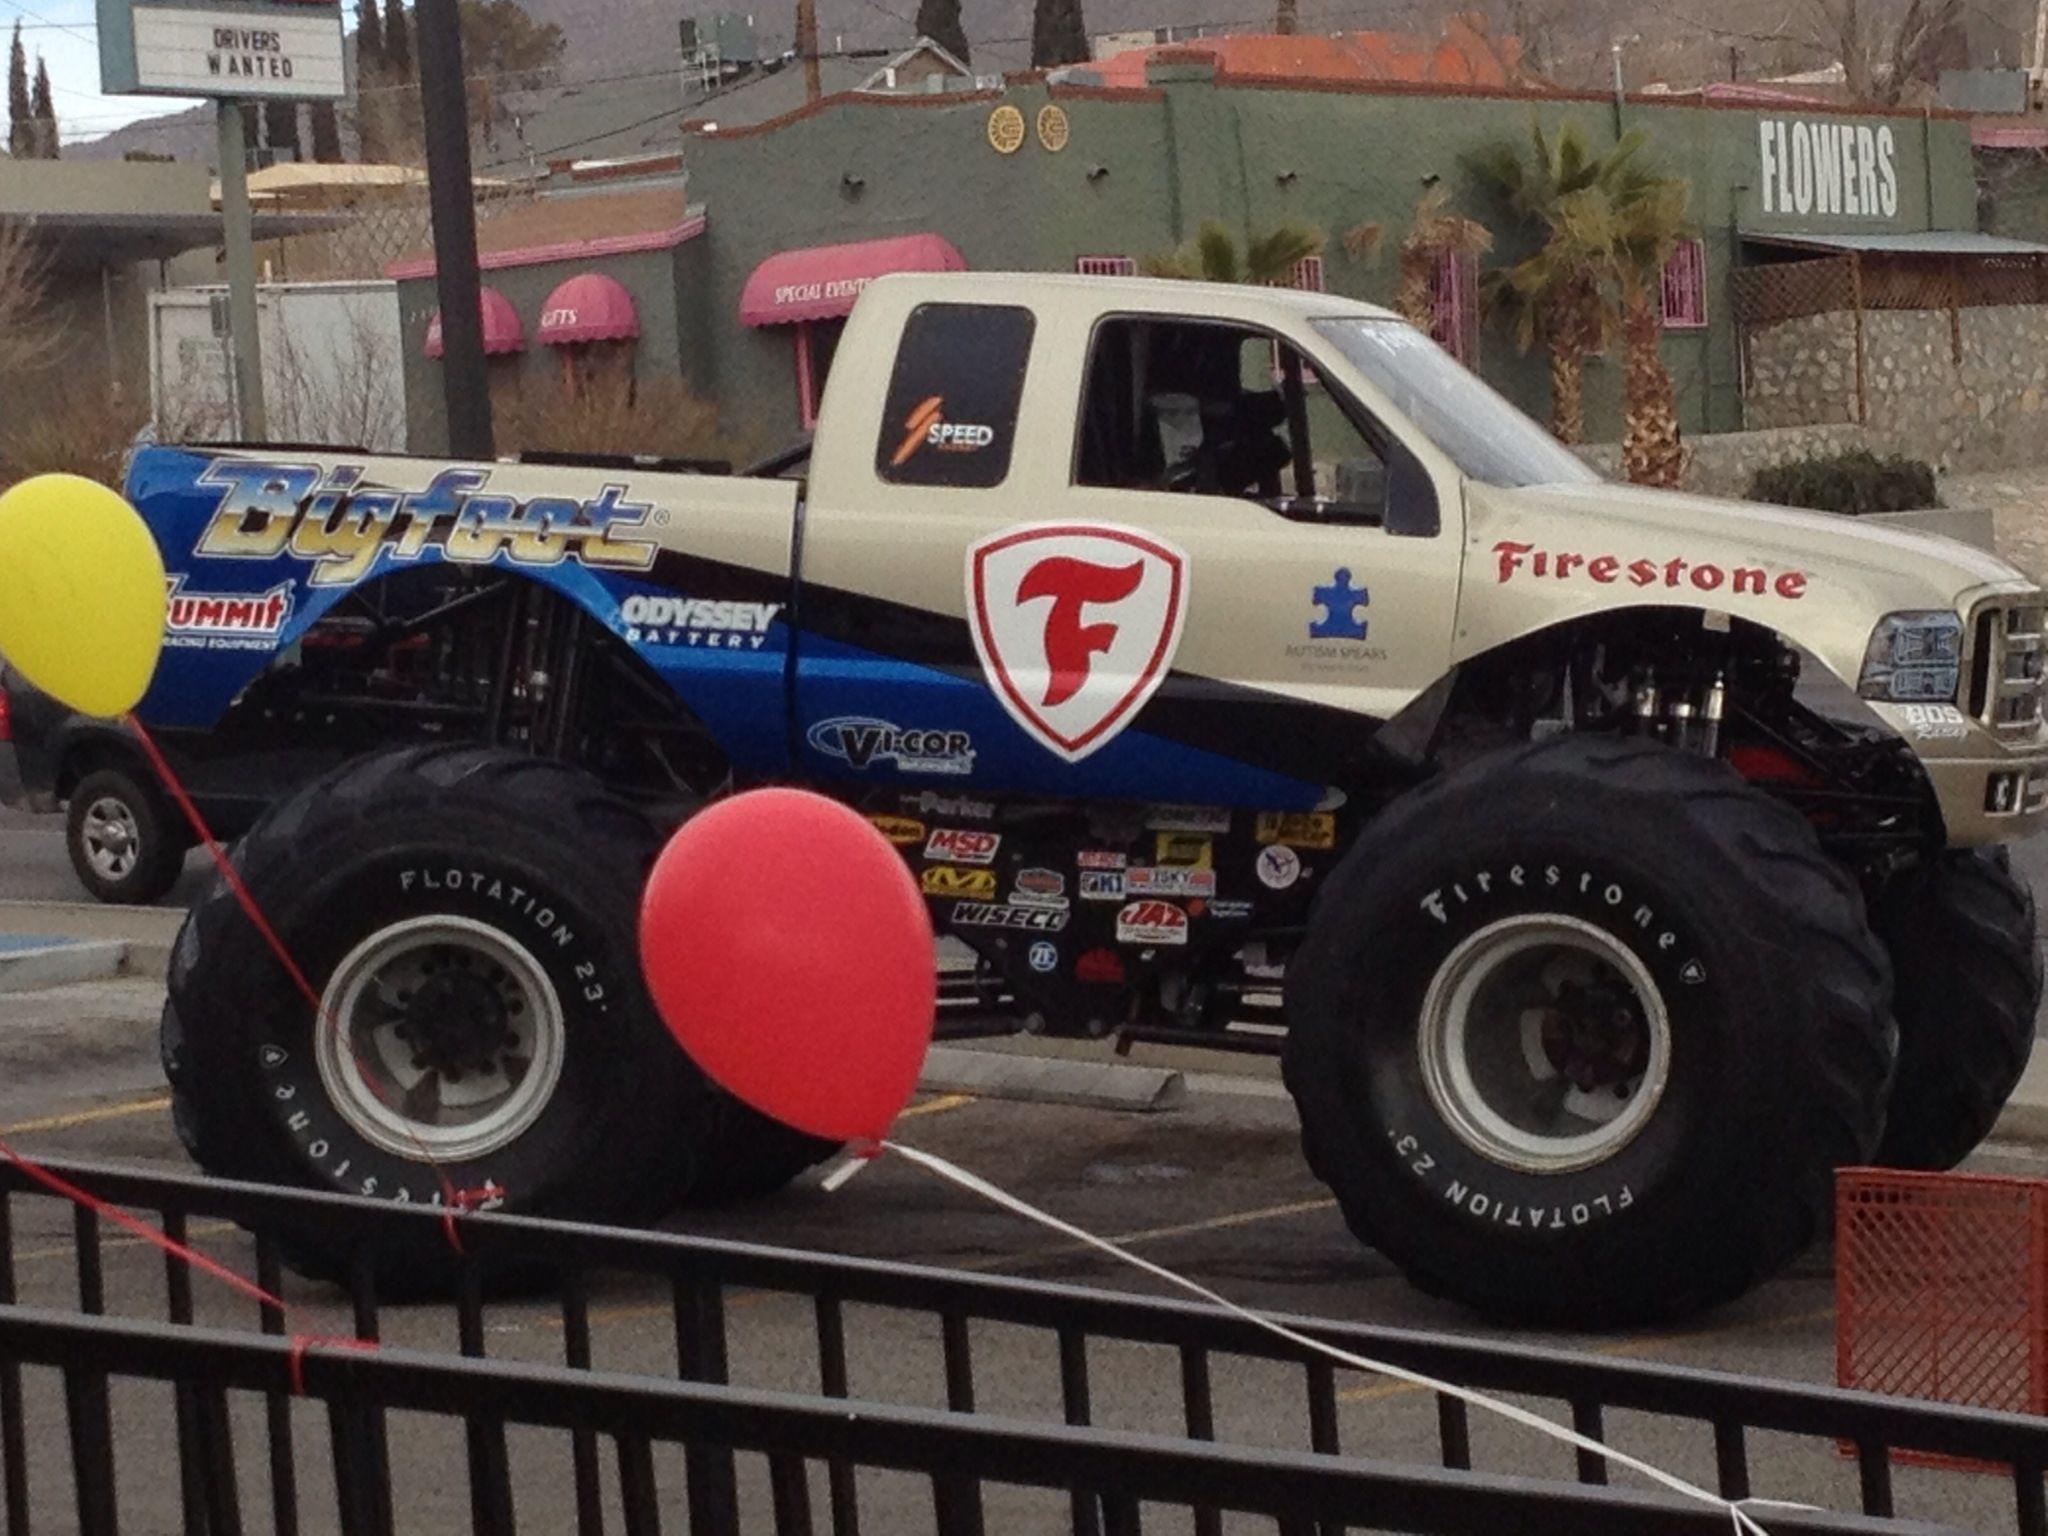 Firestone monster truck